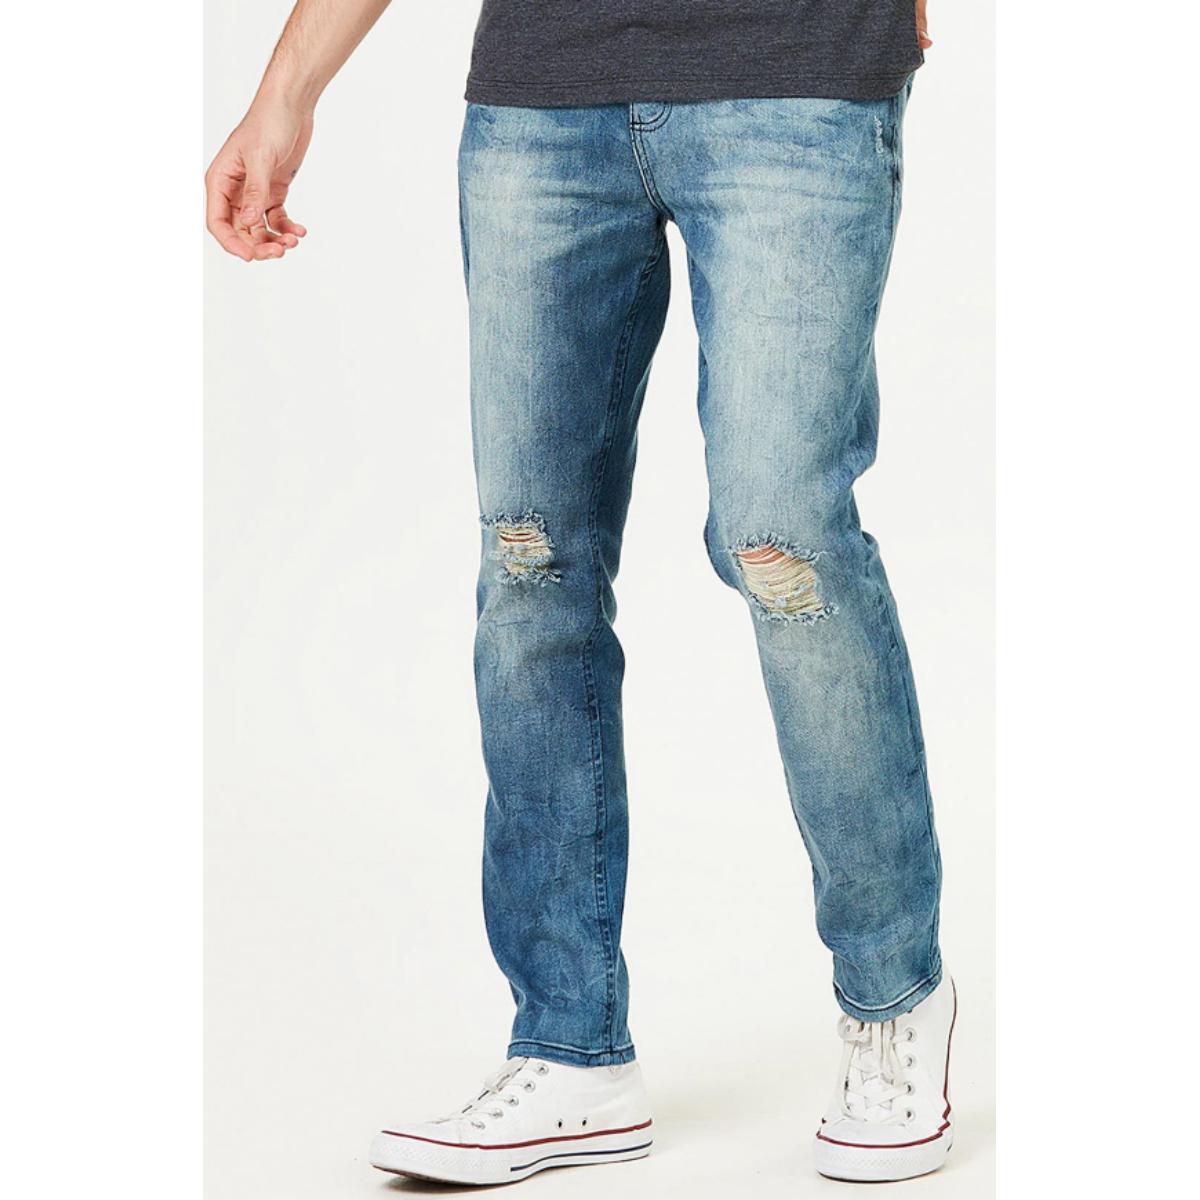 Calça Masculina Hering H1p5 Pghej Jeans